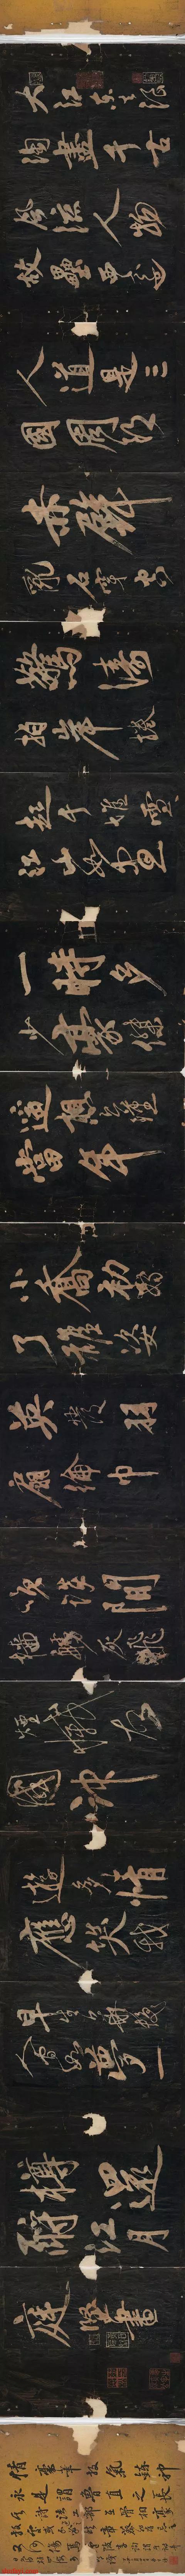 黄庭坚《念奴娇·赤壁怀古》,气象磅礴,雄浑壮美